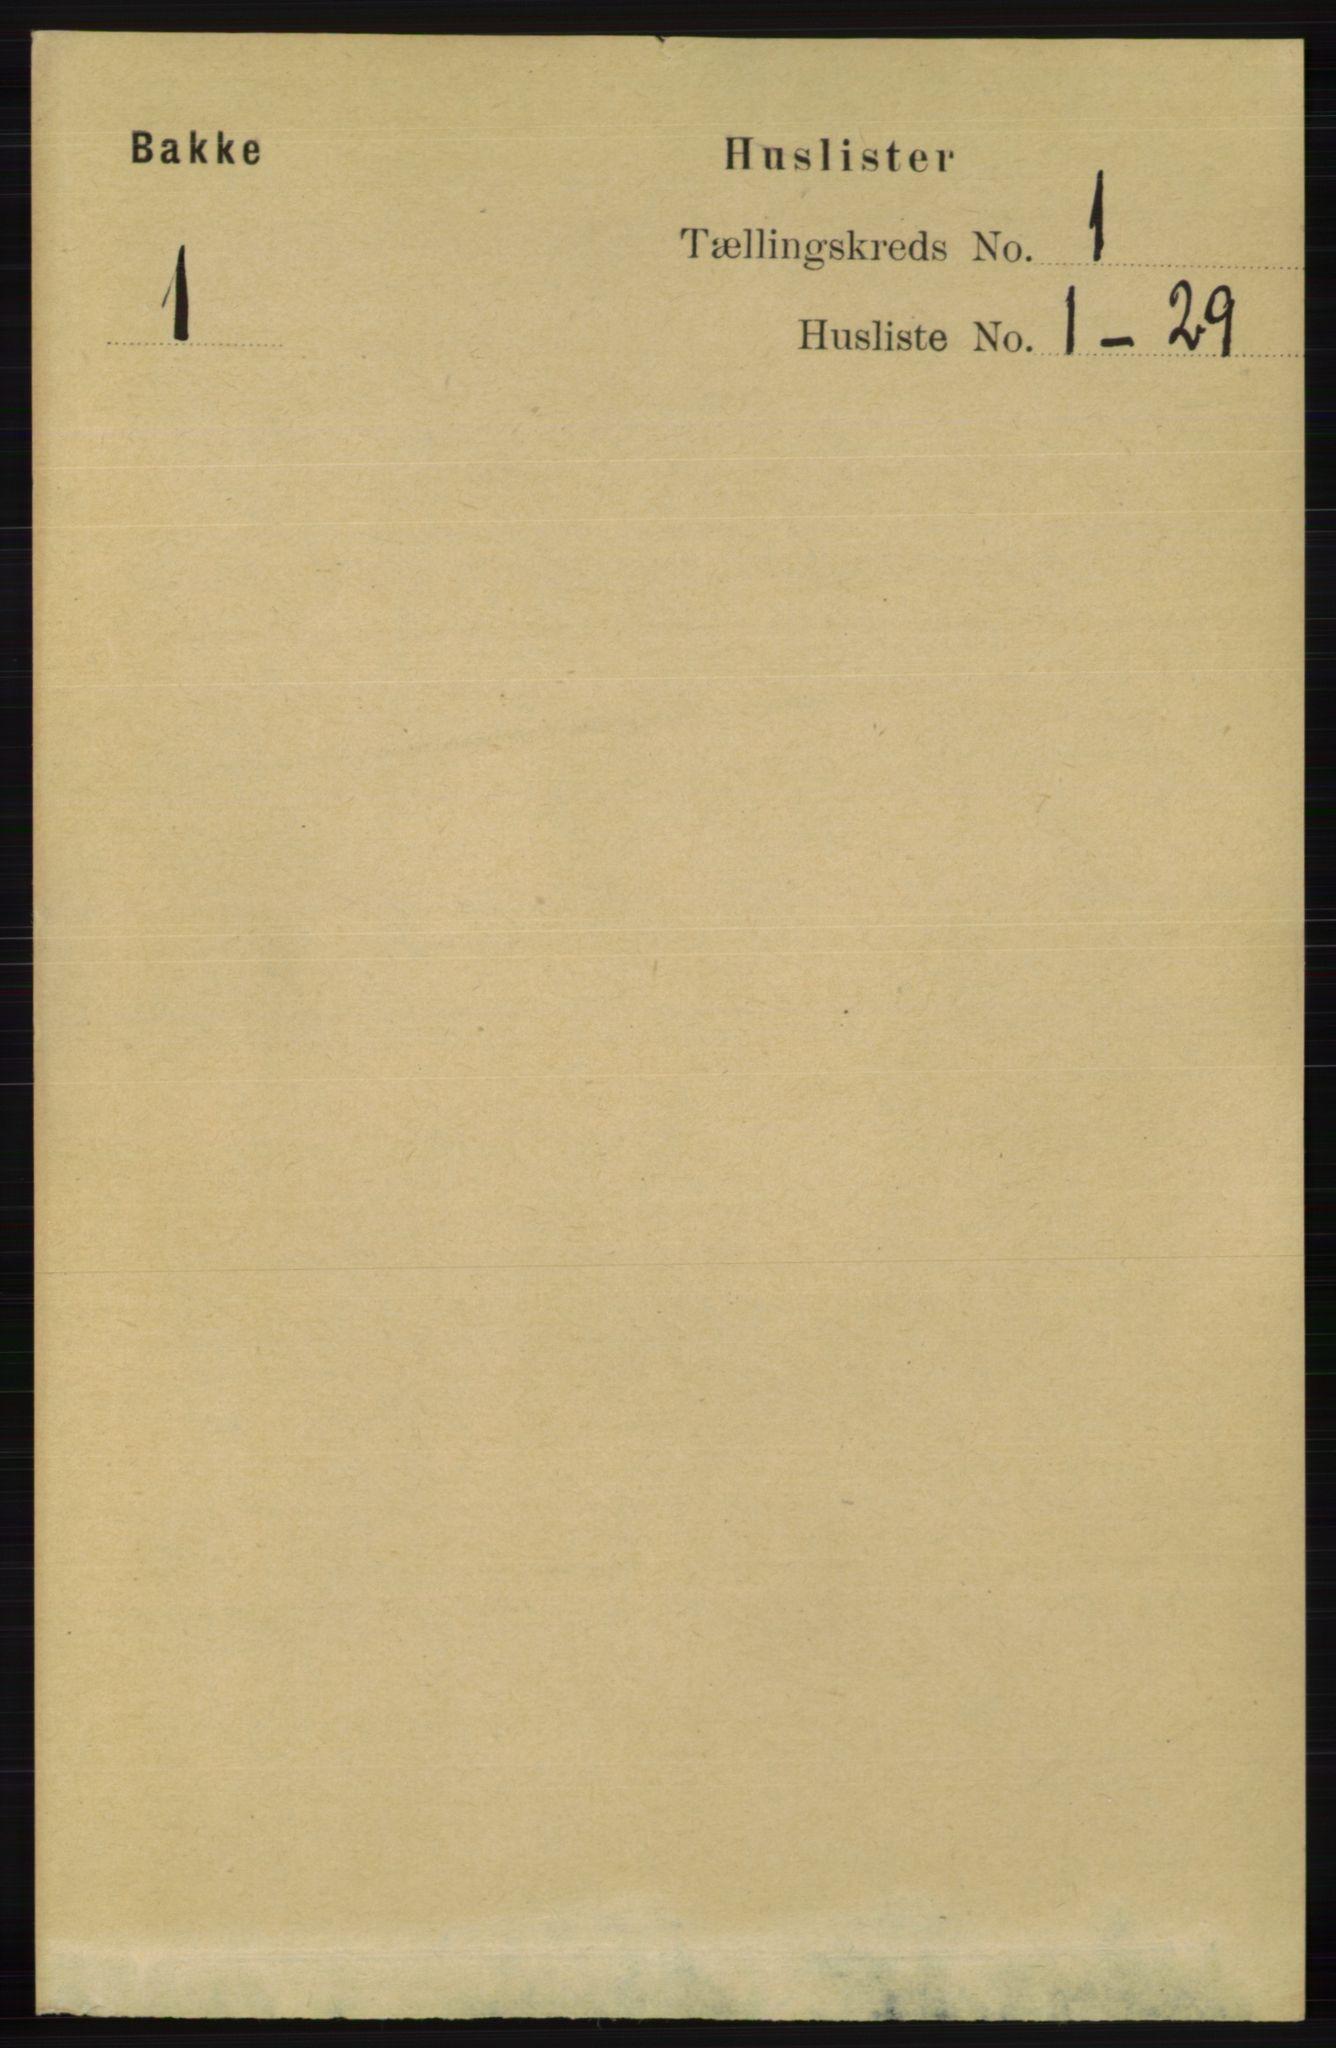 RA, Folketelling 1891 for 1045 Bakke herred, 1891, s. 34